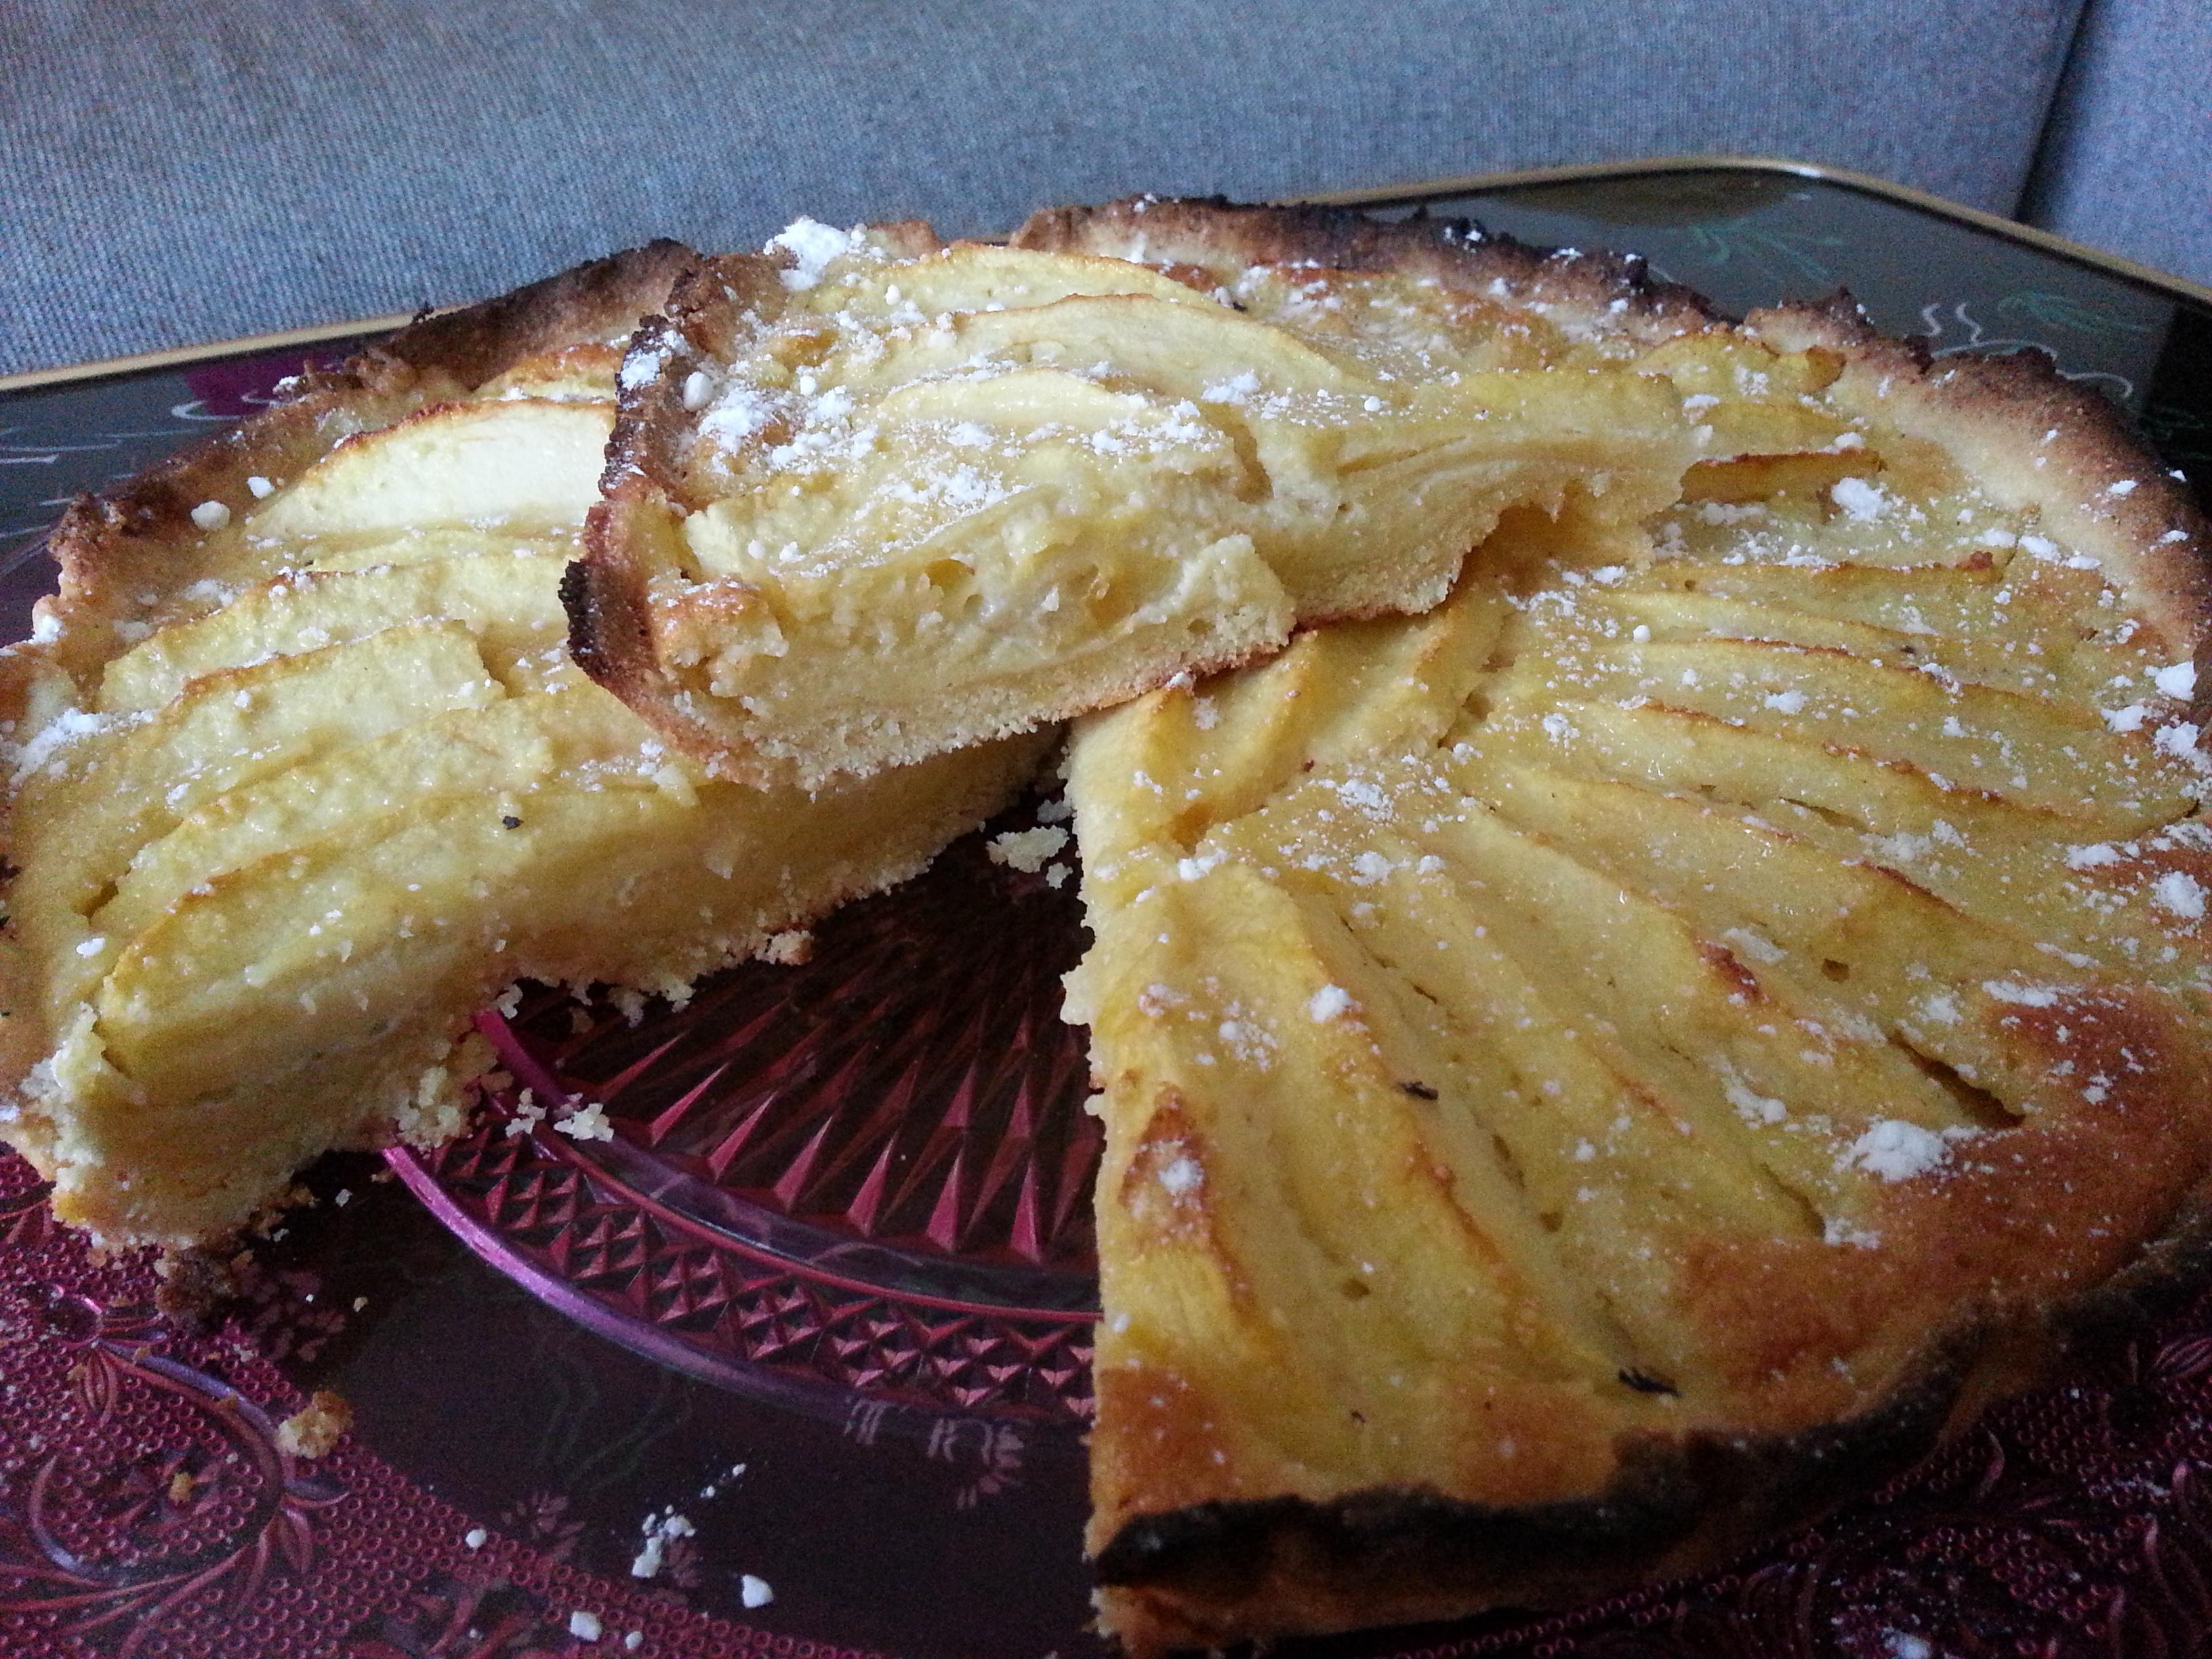 Tarte aux pommes sur cr me d amandes - Tarte aux pommes compote maison ...